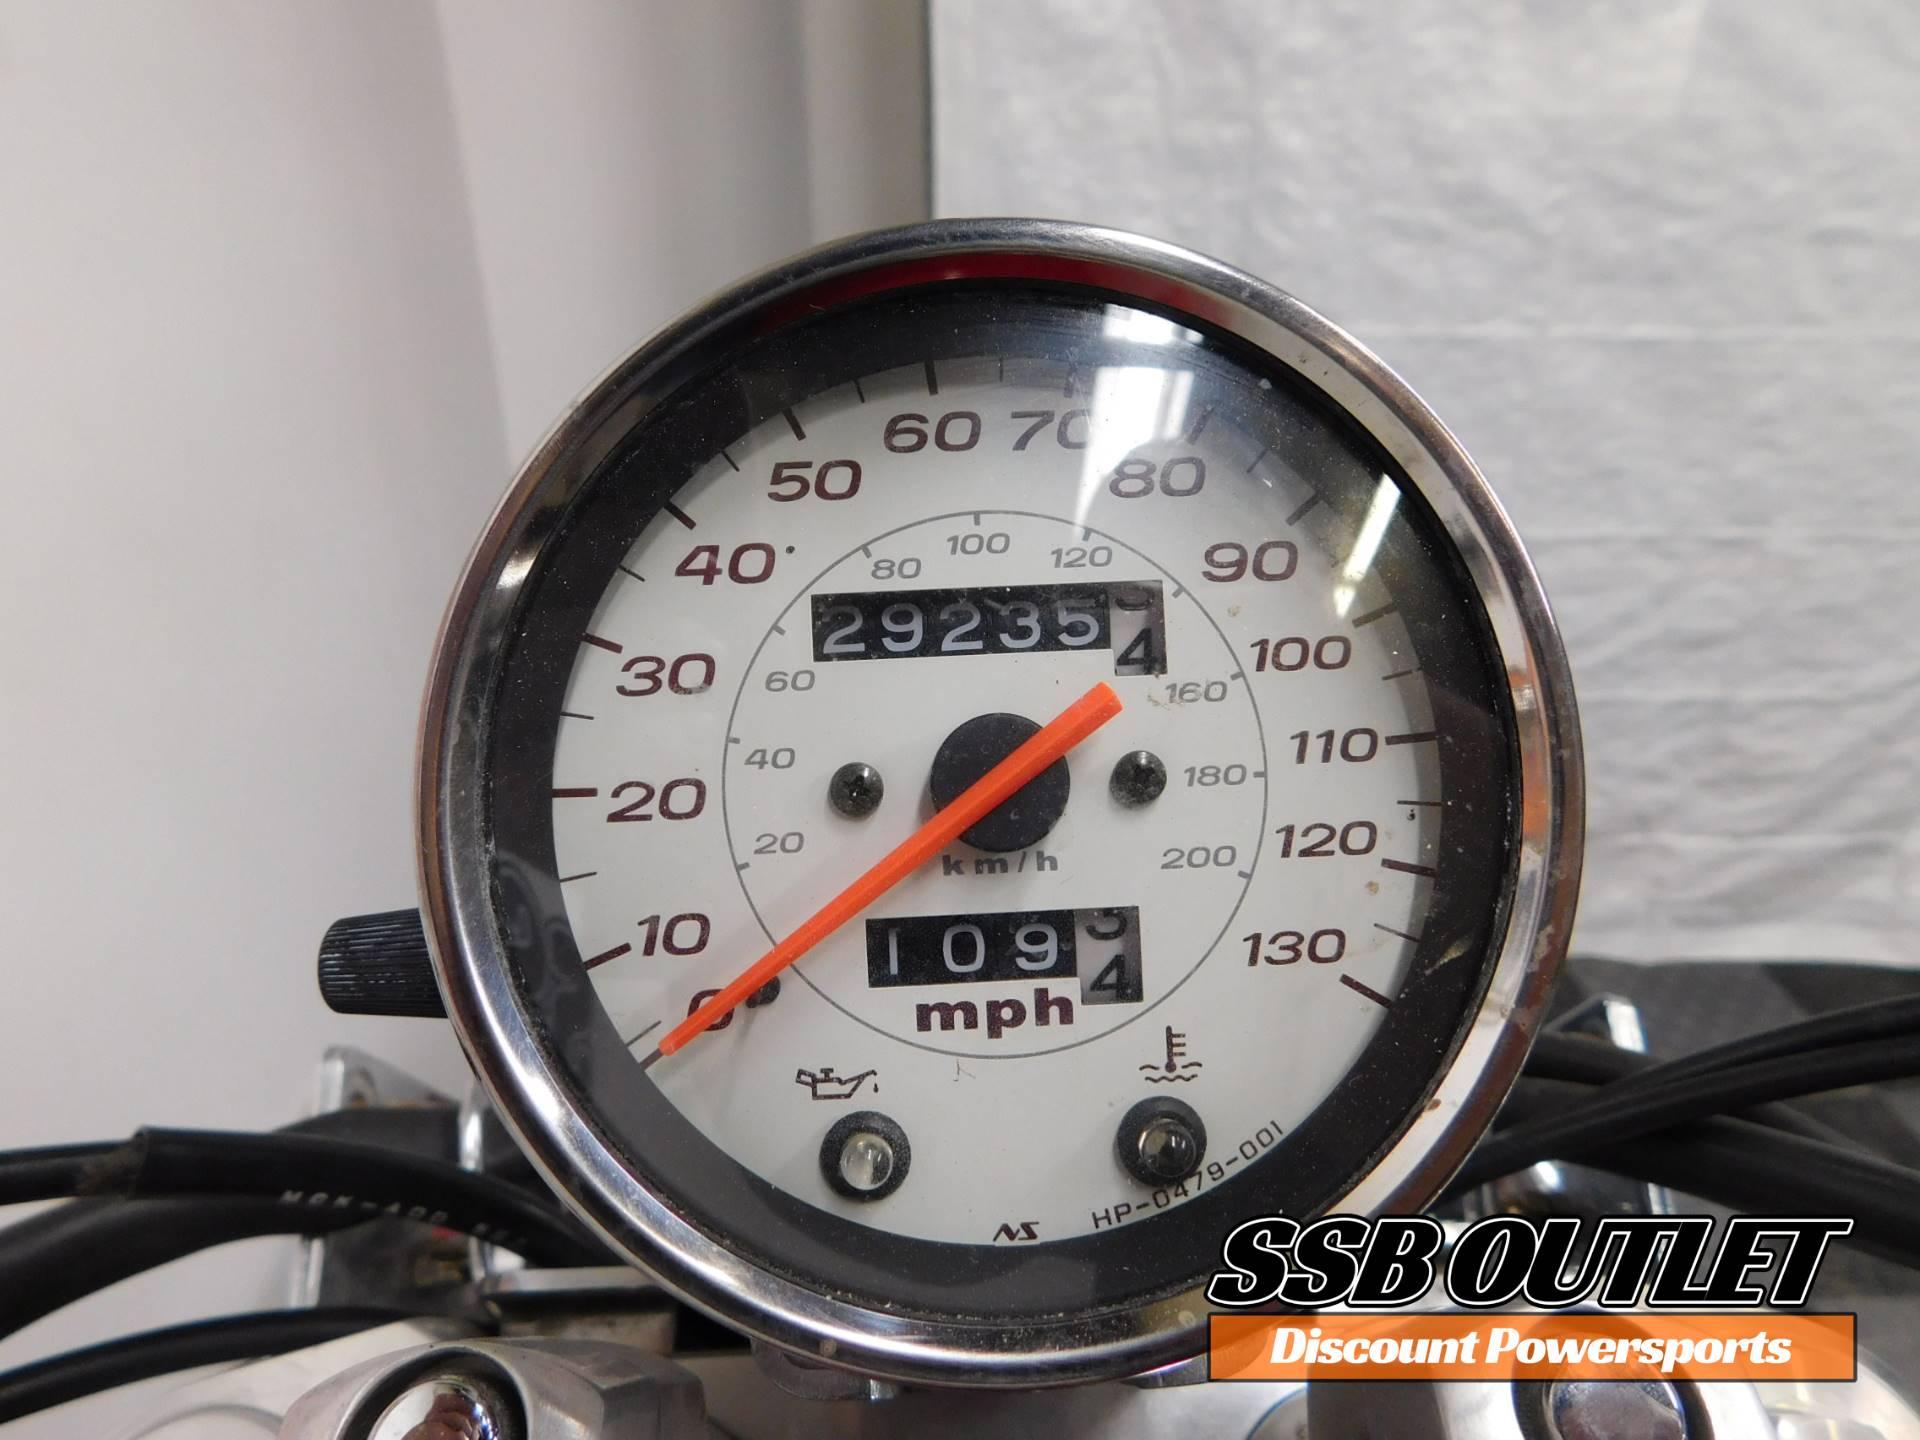 2006 Honda Shadow Spirit 12